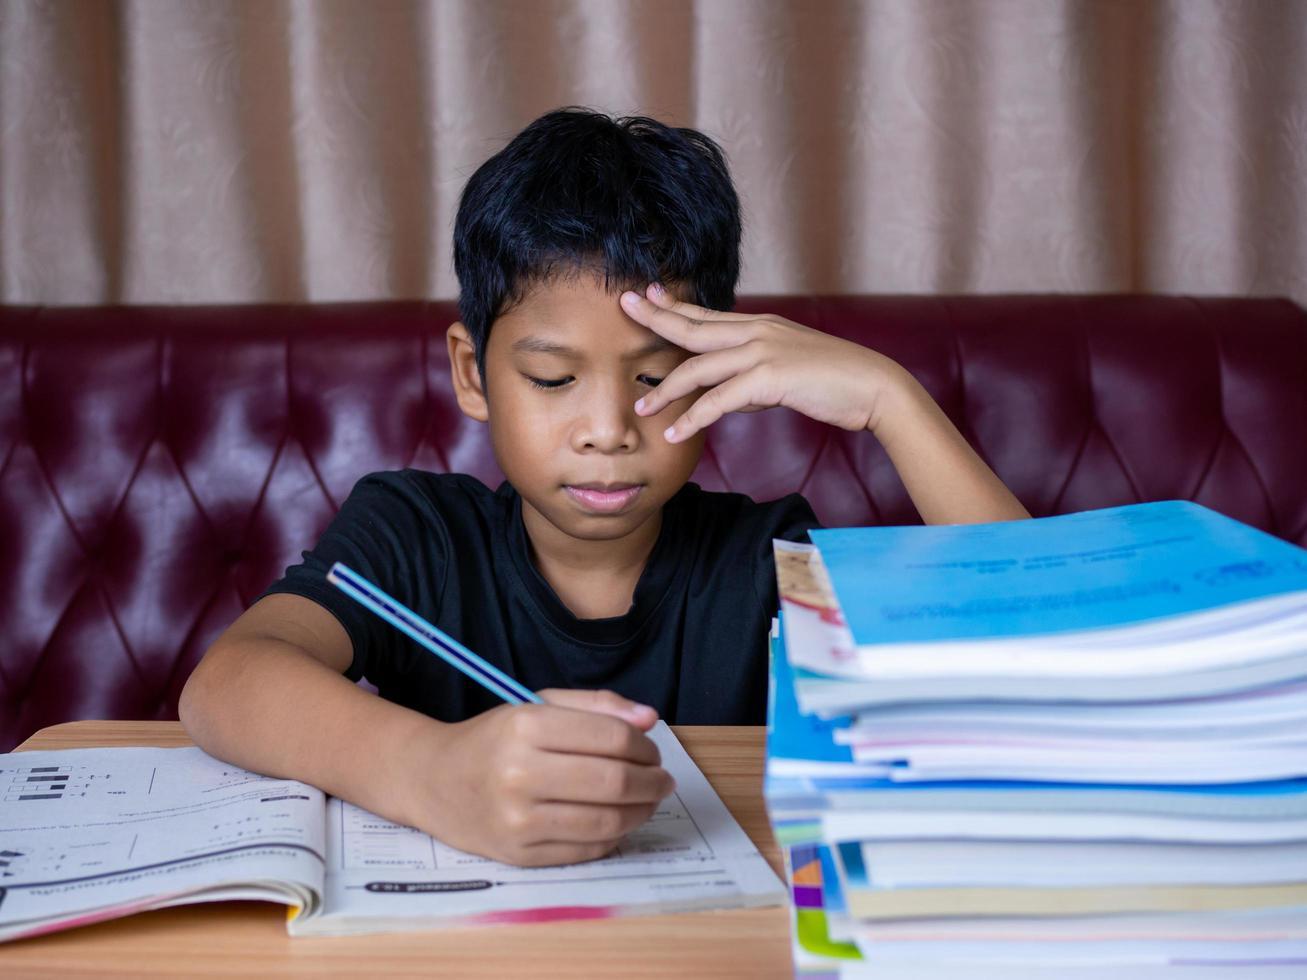 ragazzo che fa i compiti e legge su un tavolo di legno con una pila di libri accanto allo sfondo c'è un divano rosso e tende color crema. foto